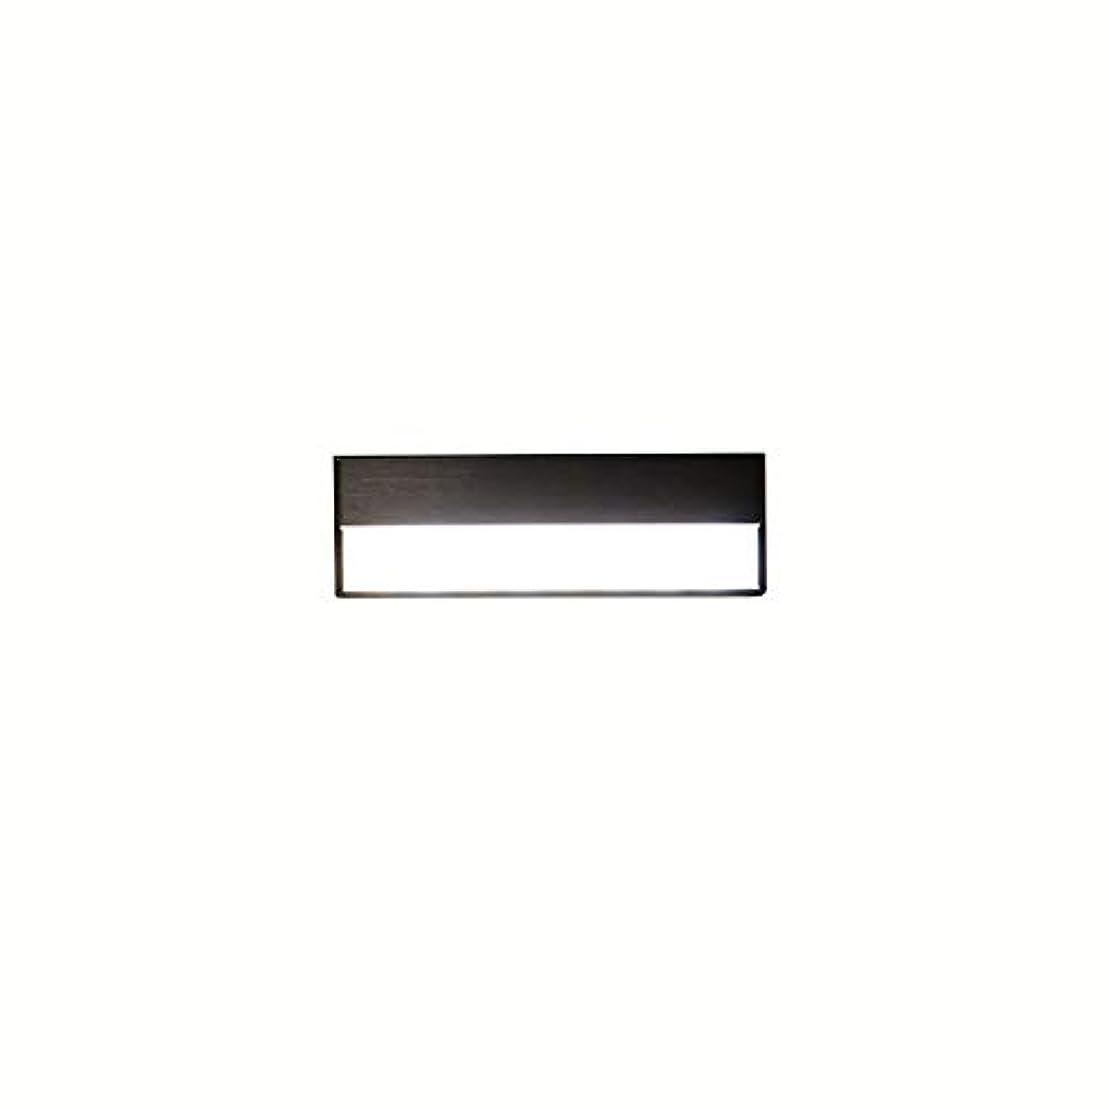 動物園体細胞キャンプフットライト クローゼットライト充電式、ワードローブライト、USB緊急ライト、目の保護ナイトライト、約束調光、タッチスイッチ、マグネット吸着、簡単にインストールする - 4.7×1.6×0.8インチ (サイズ : 4.7×1.6×0.8 inch)